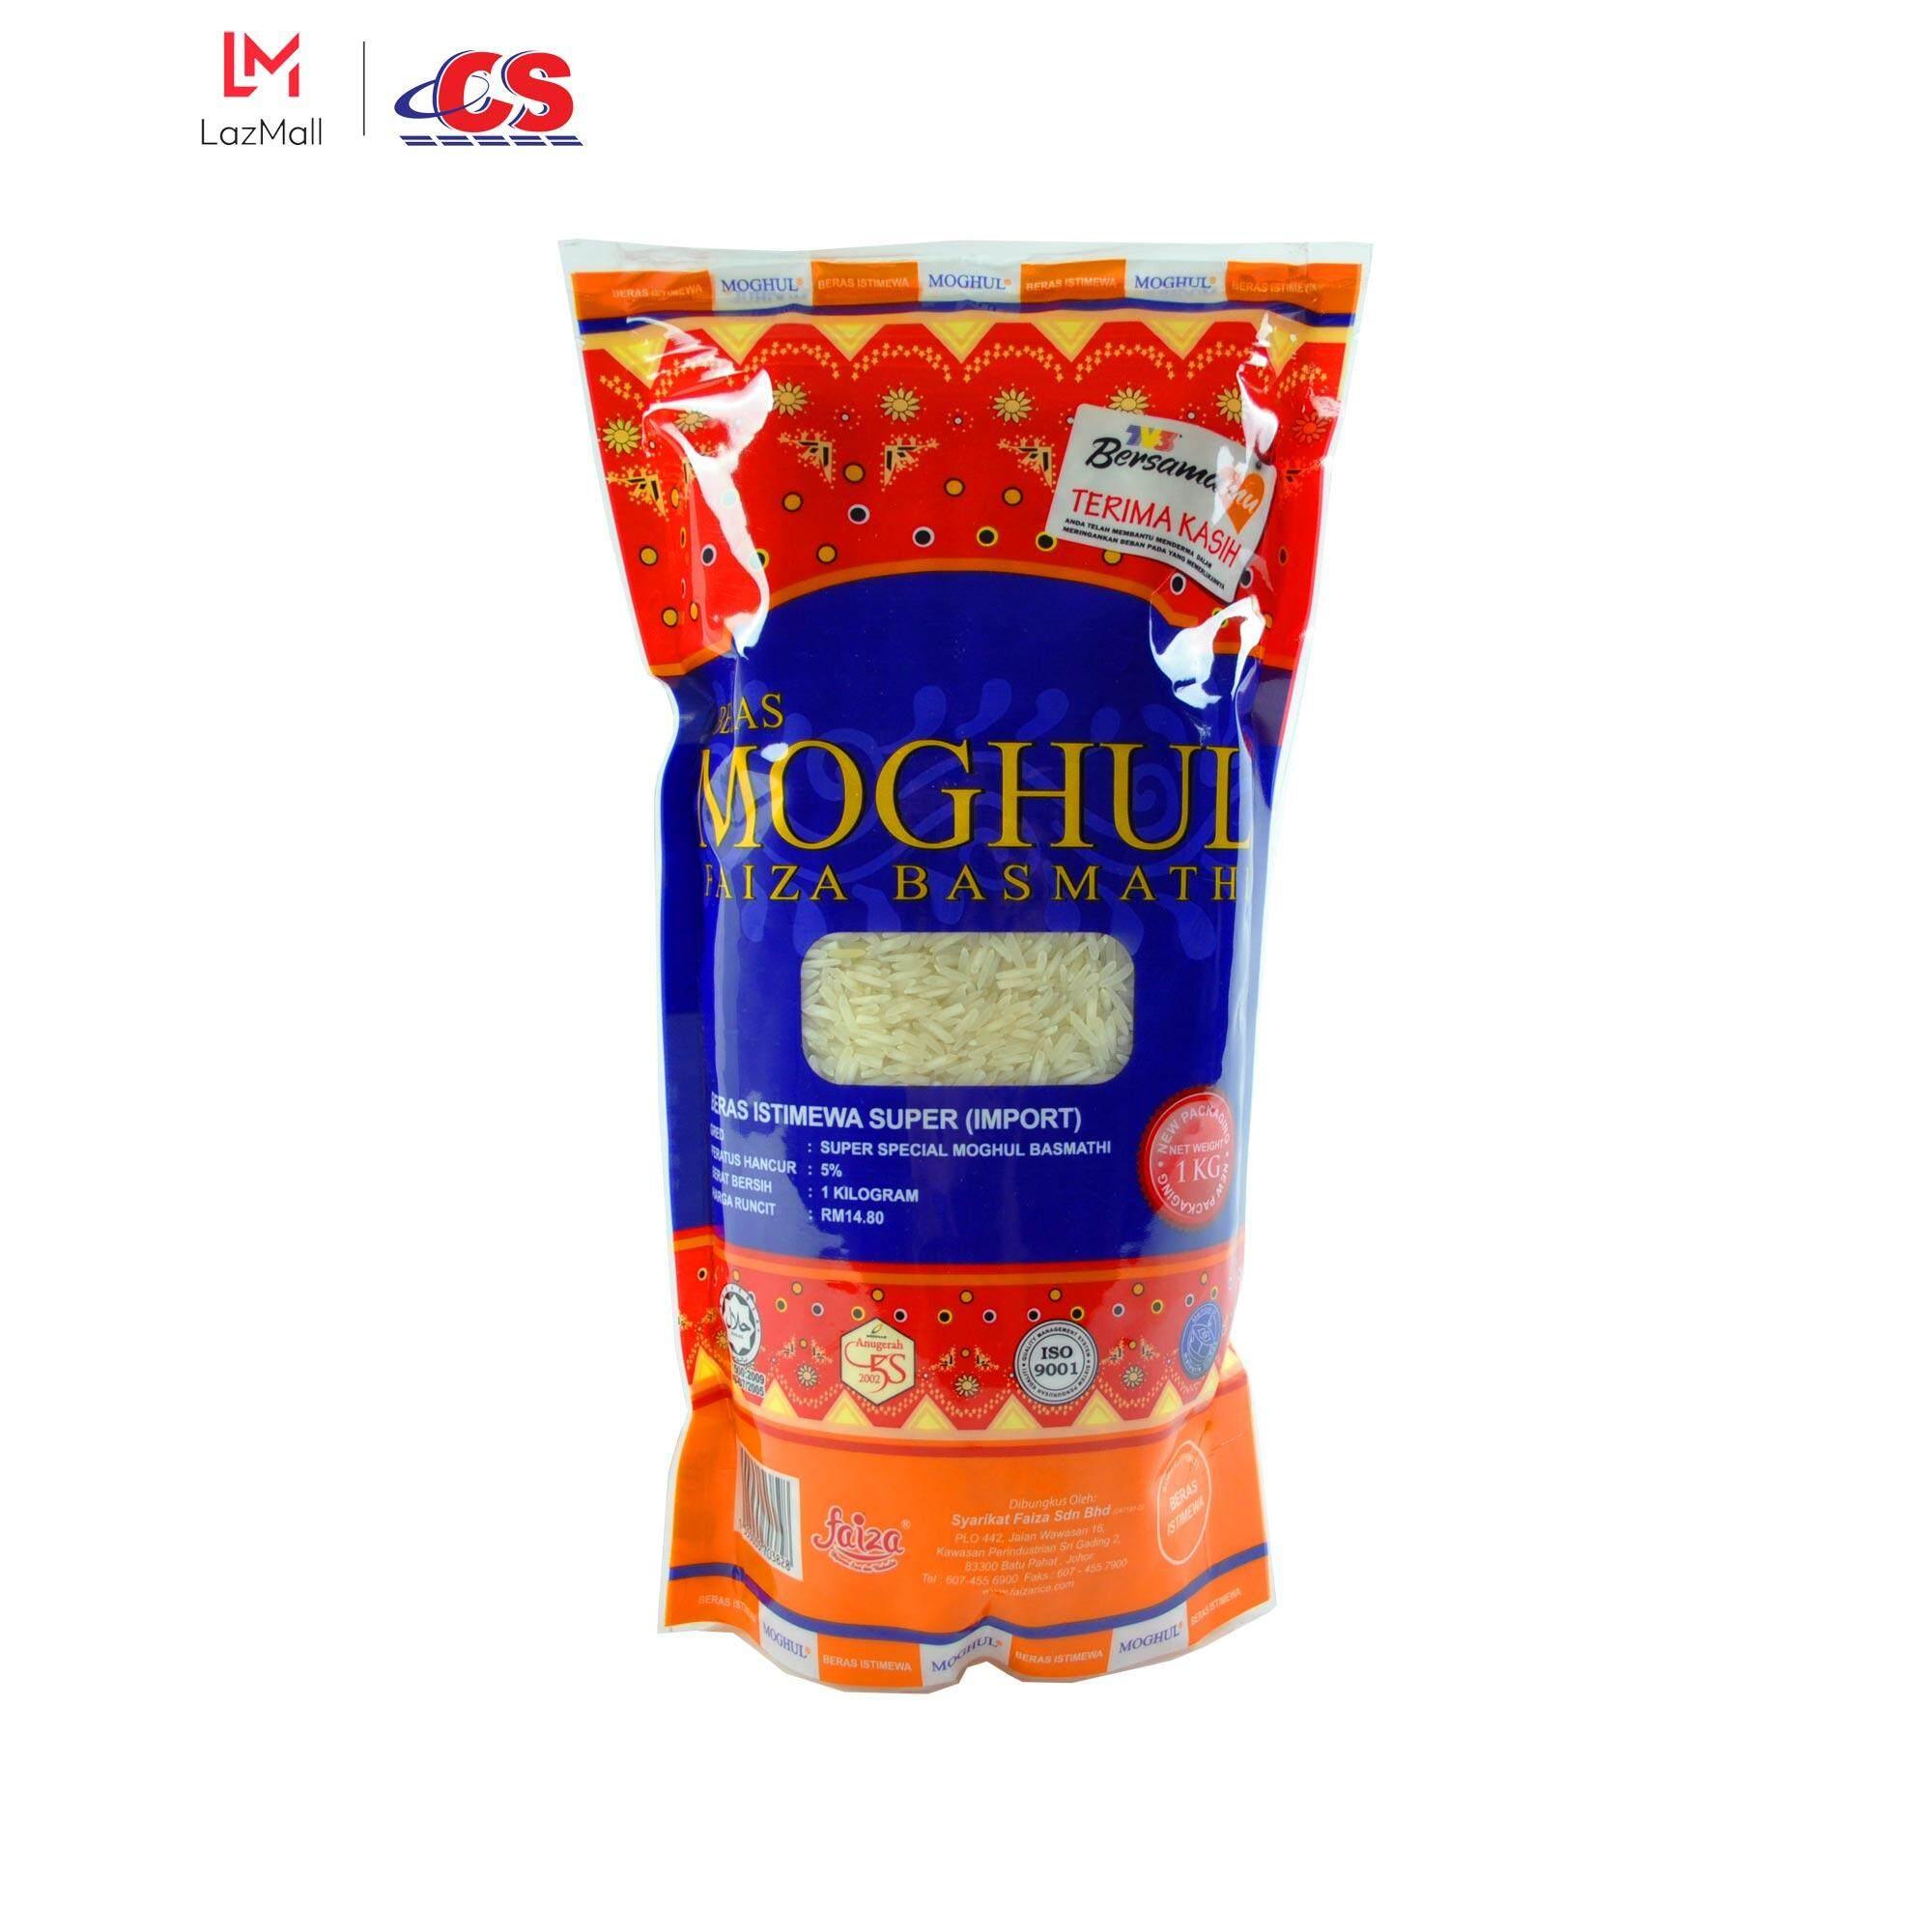 MOGHUL Basmathi Rice 1kg